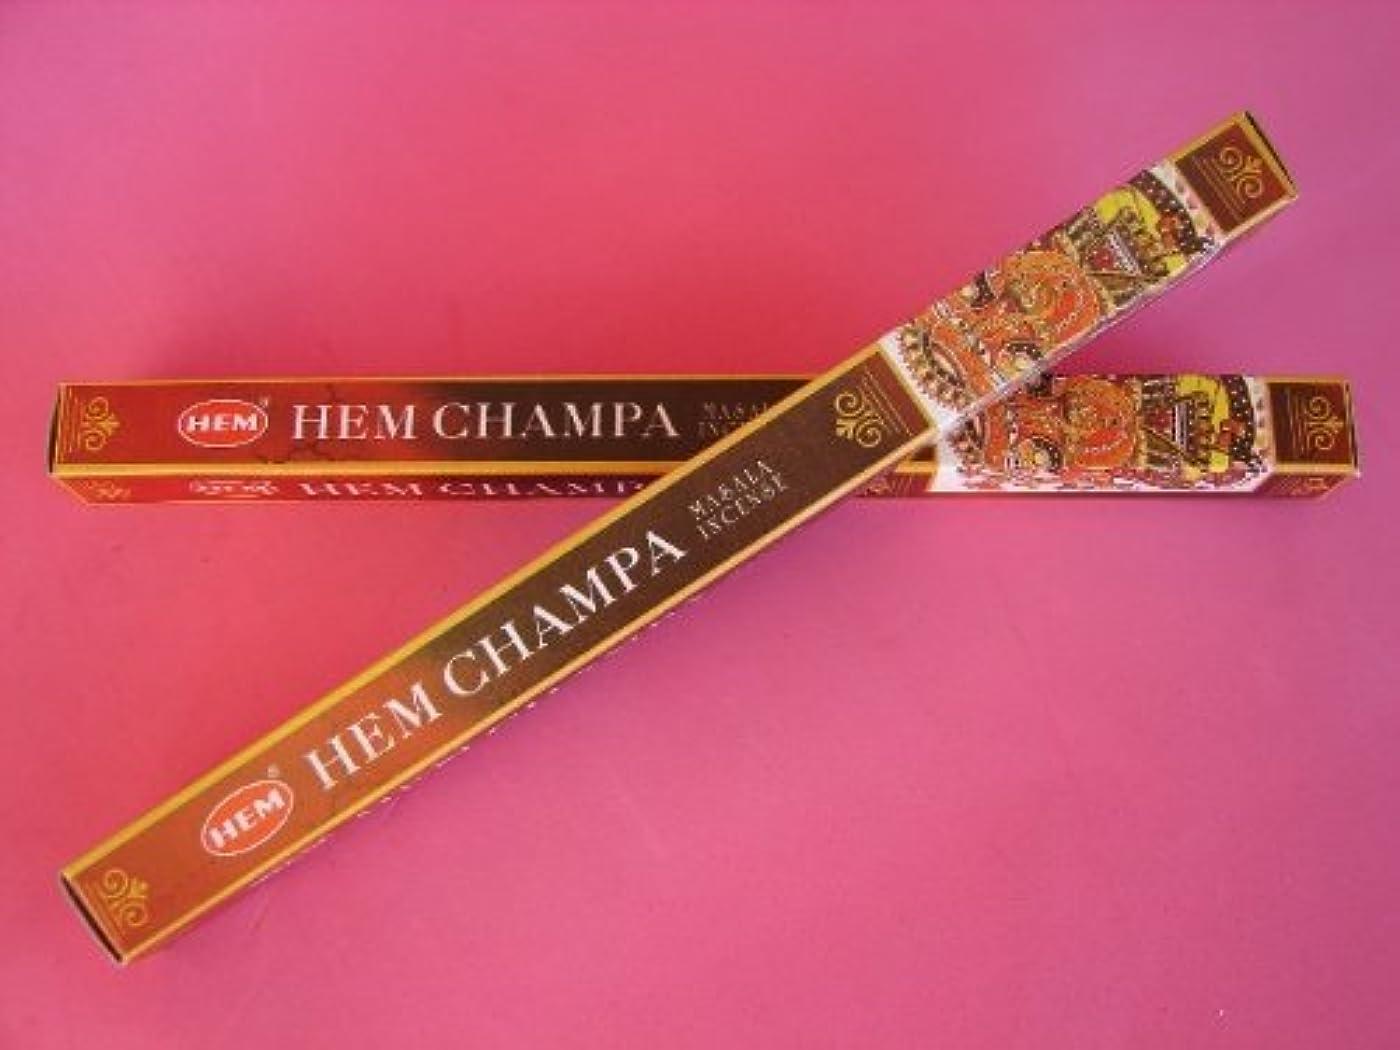 ブラウザ葉を集める結婚式4 Boxes of HEM CHAMPA Incense Sticks